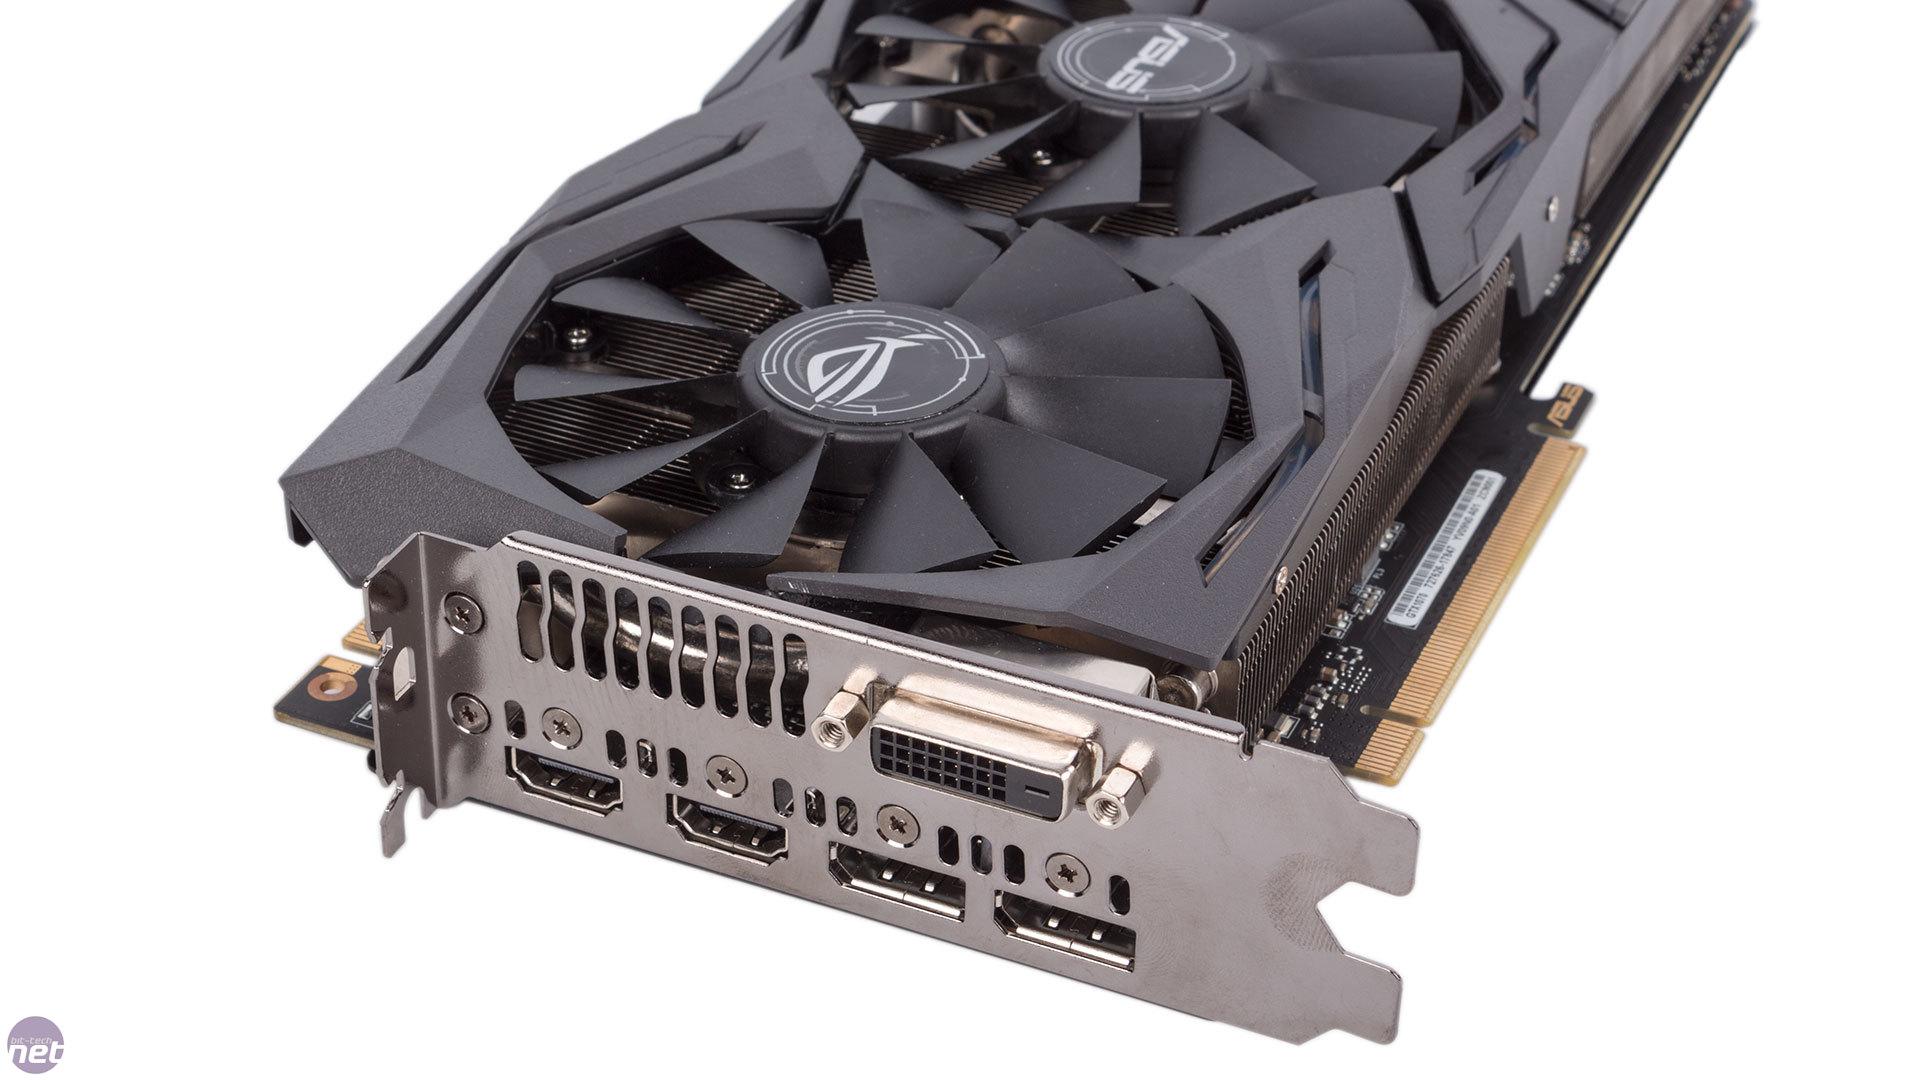 Asus GeForce GTX 1070 Strix Review | bit-tech net